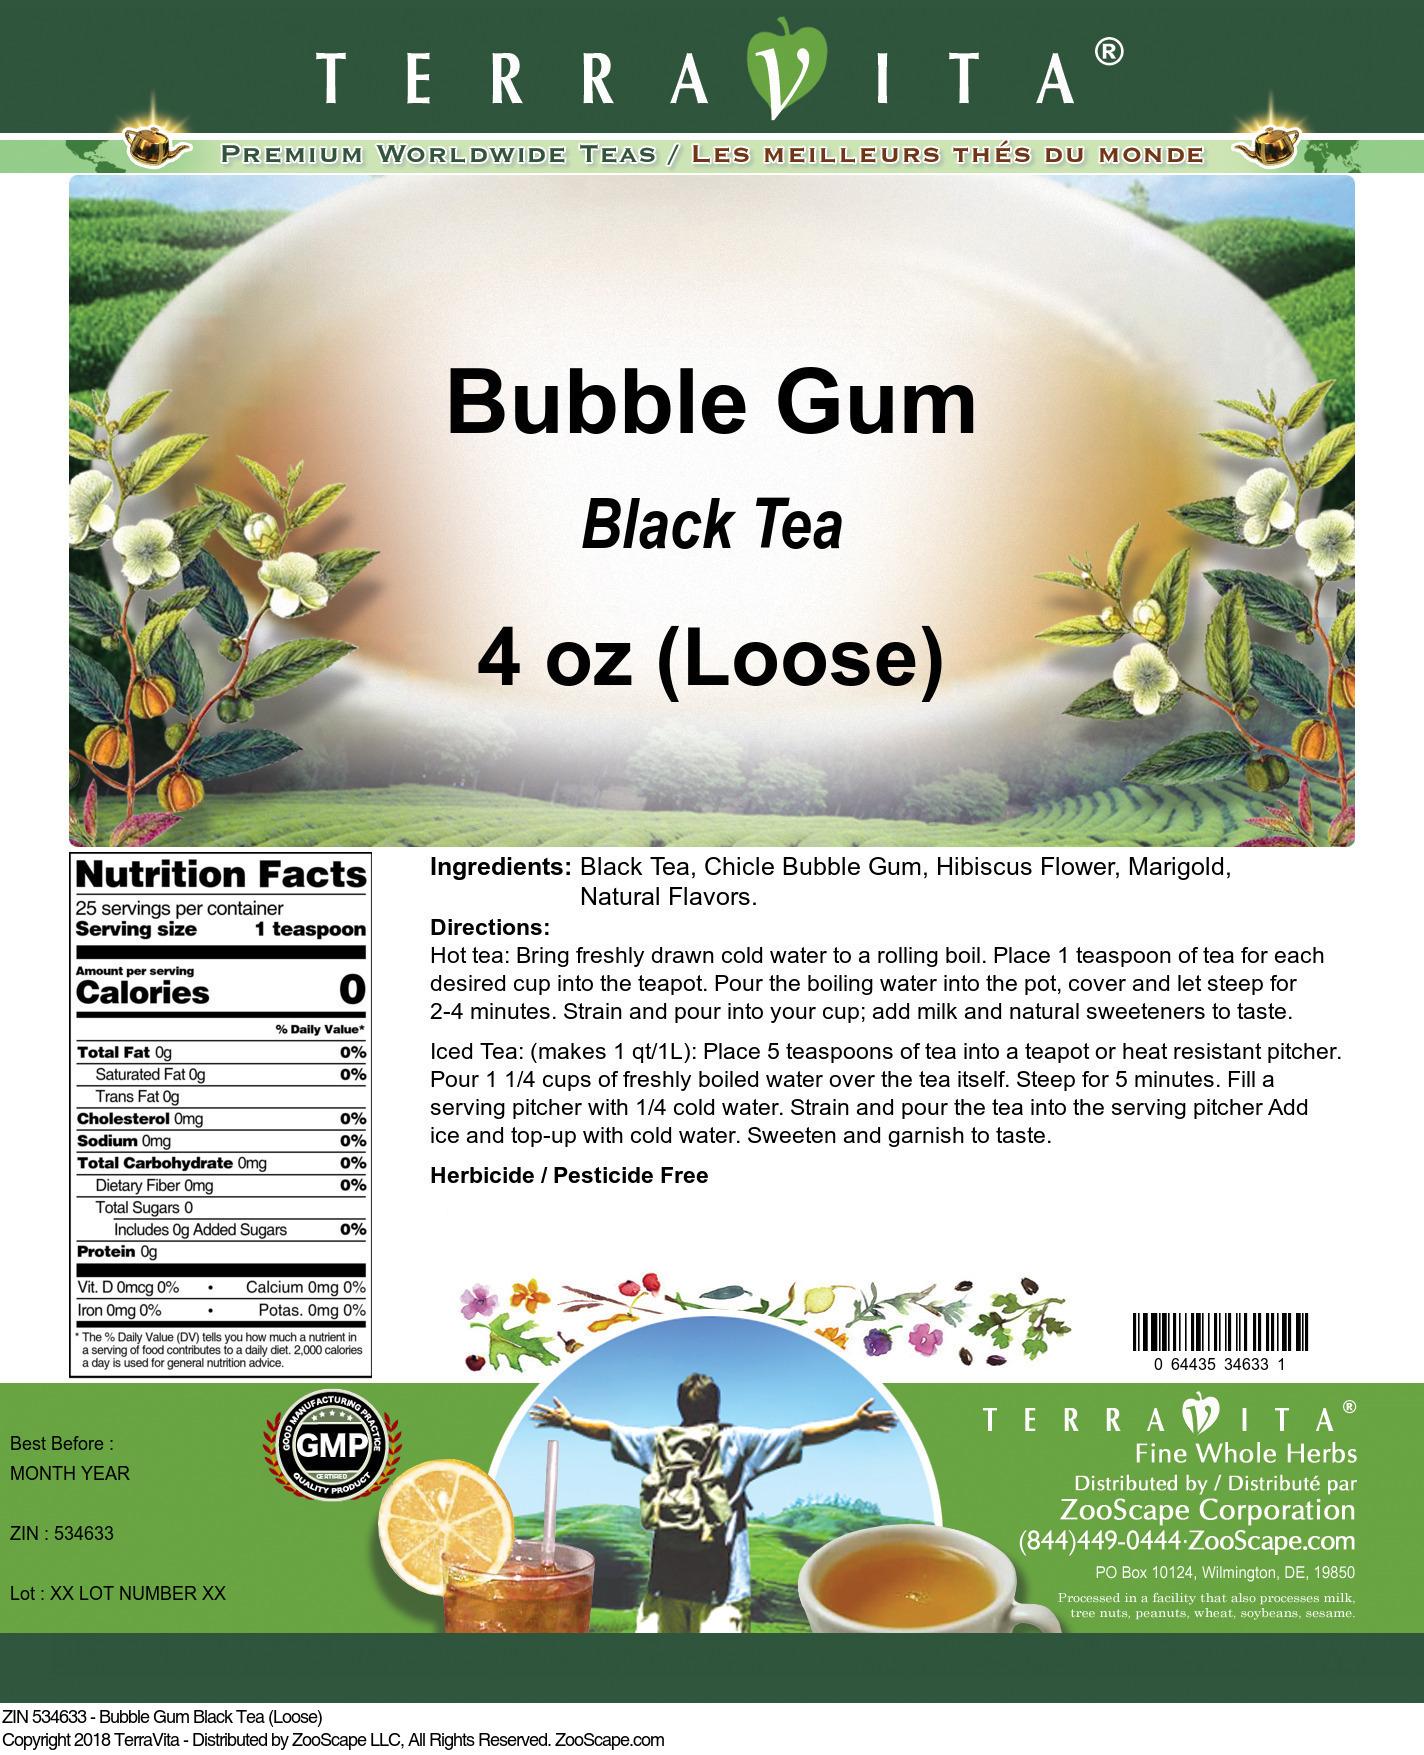 Bubble Gum Black Tea (Loose)